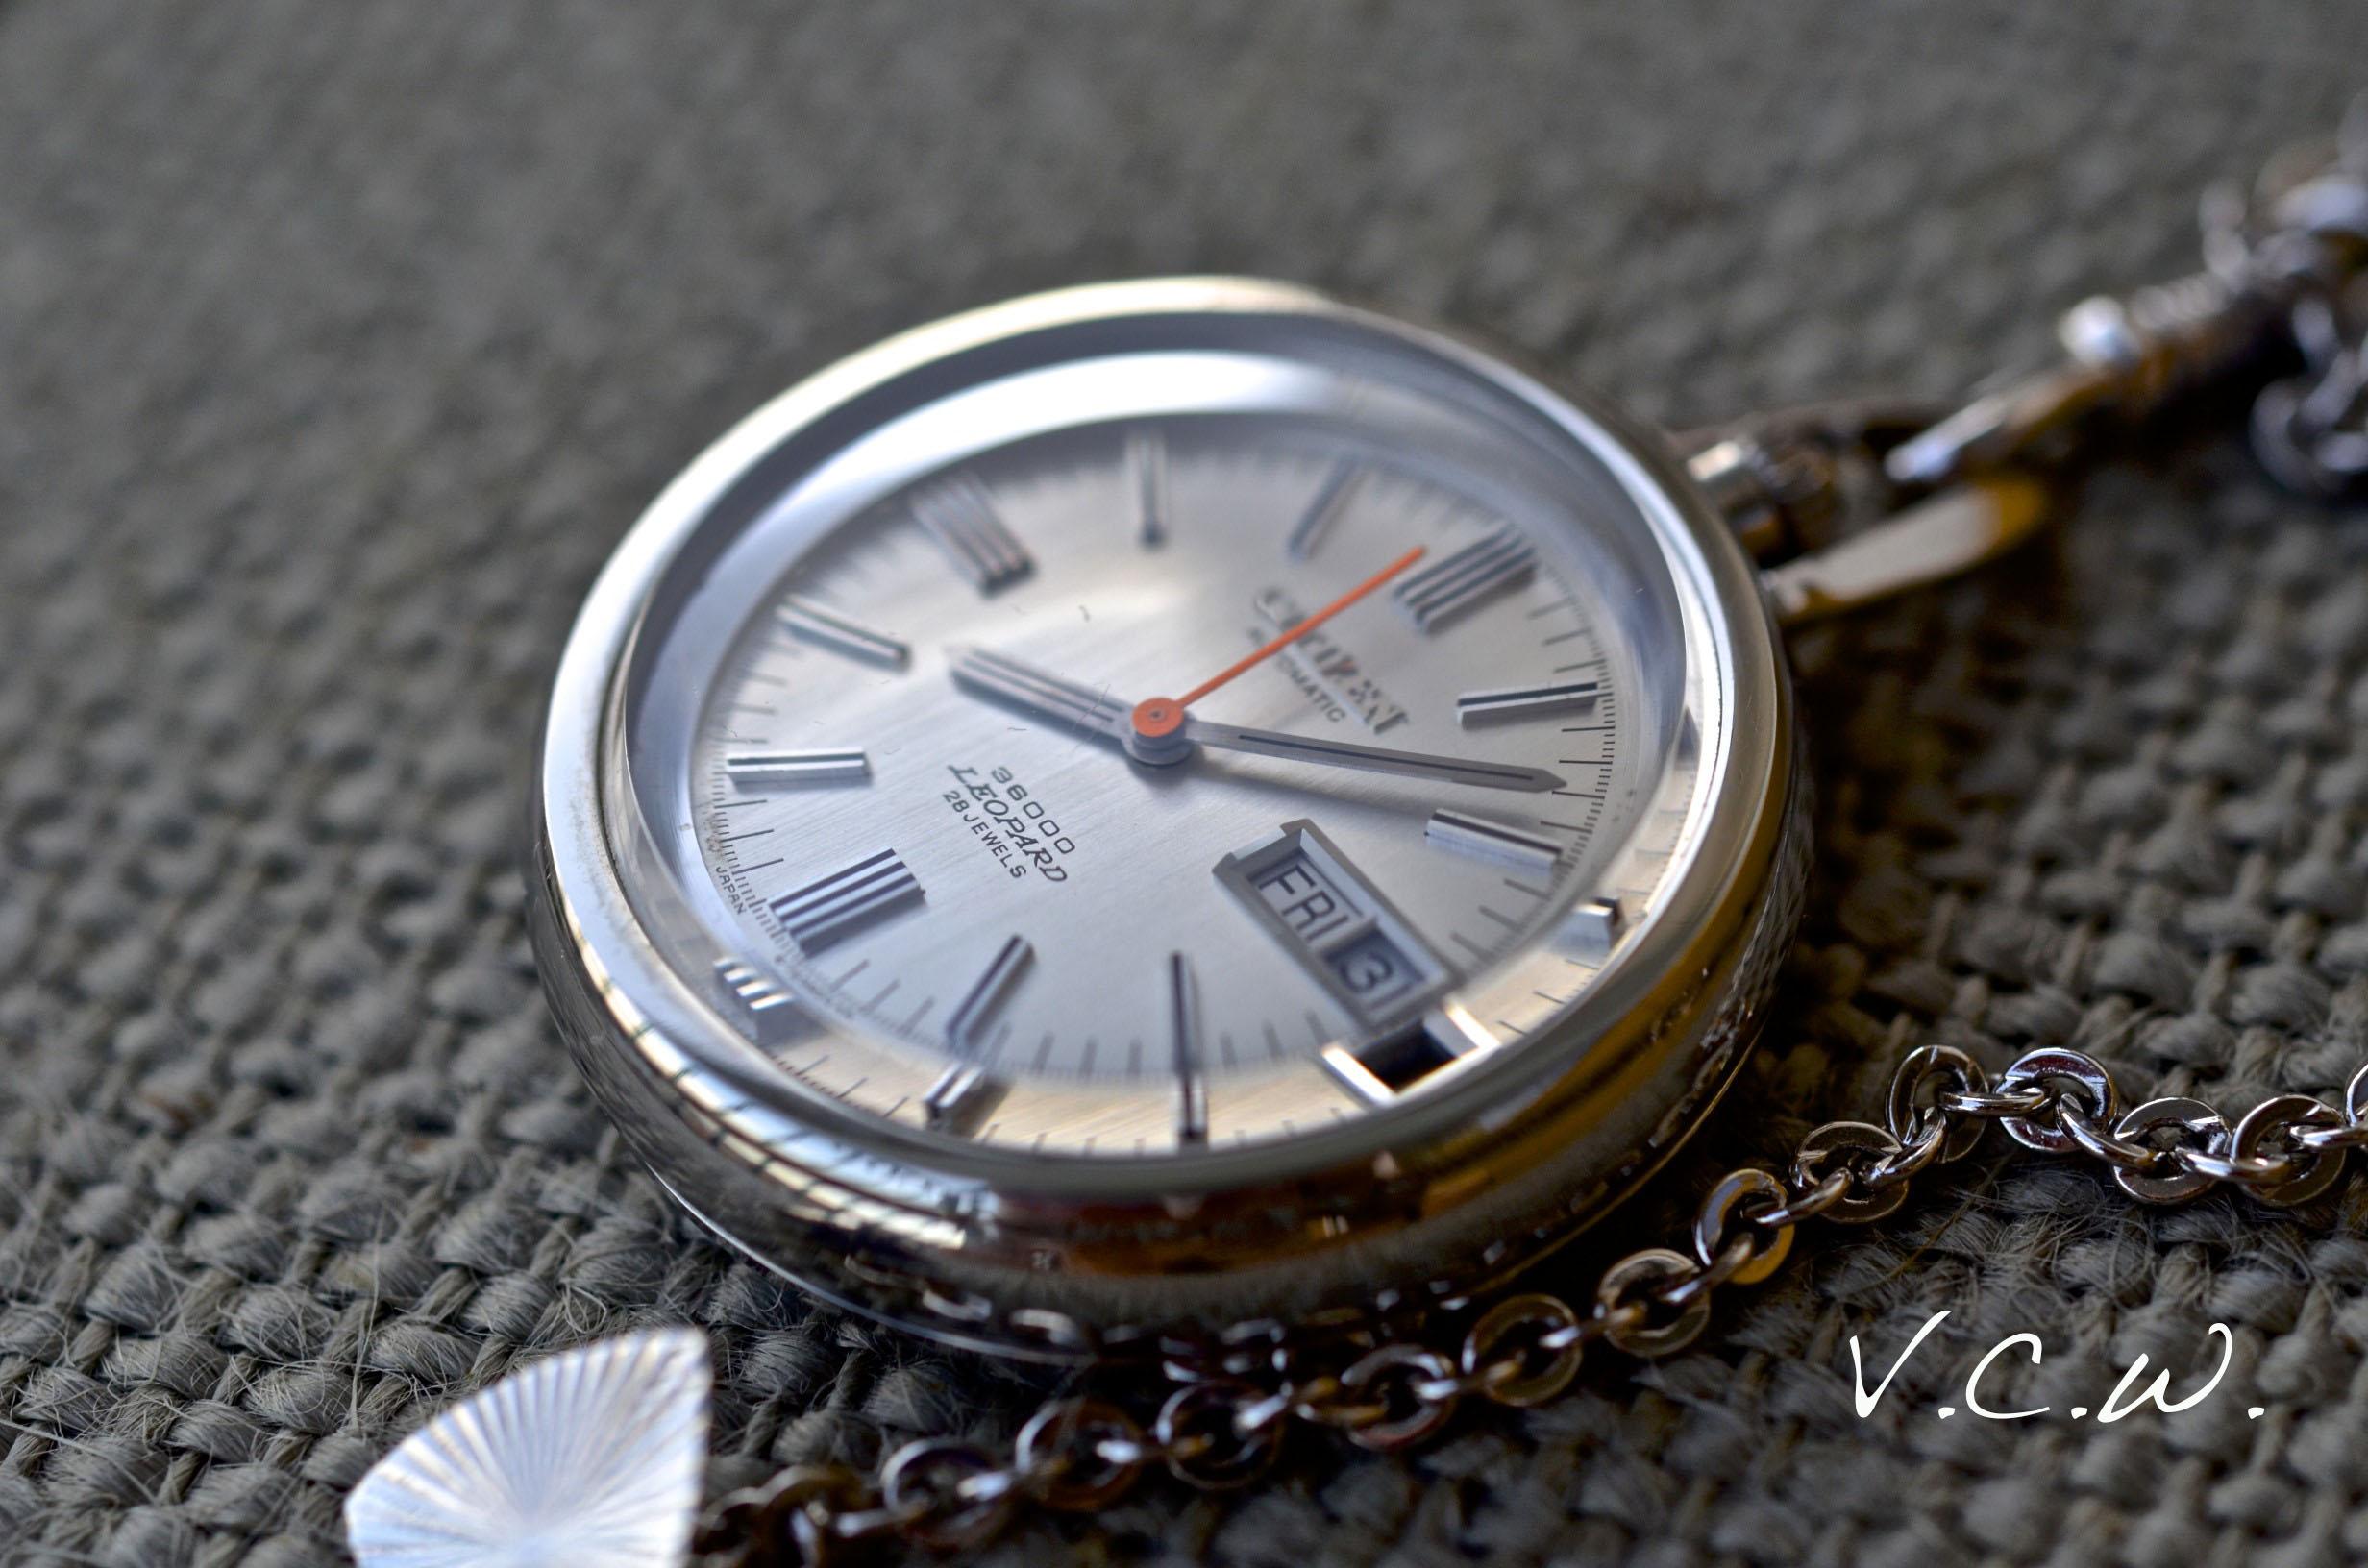 Citizen pocket watches